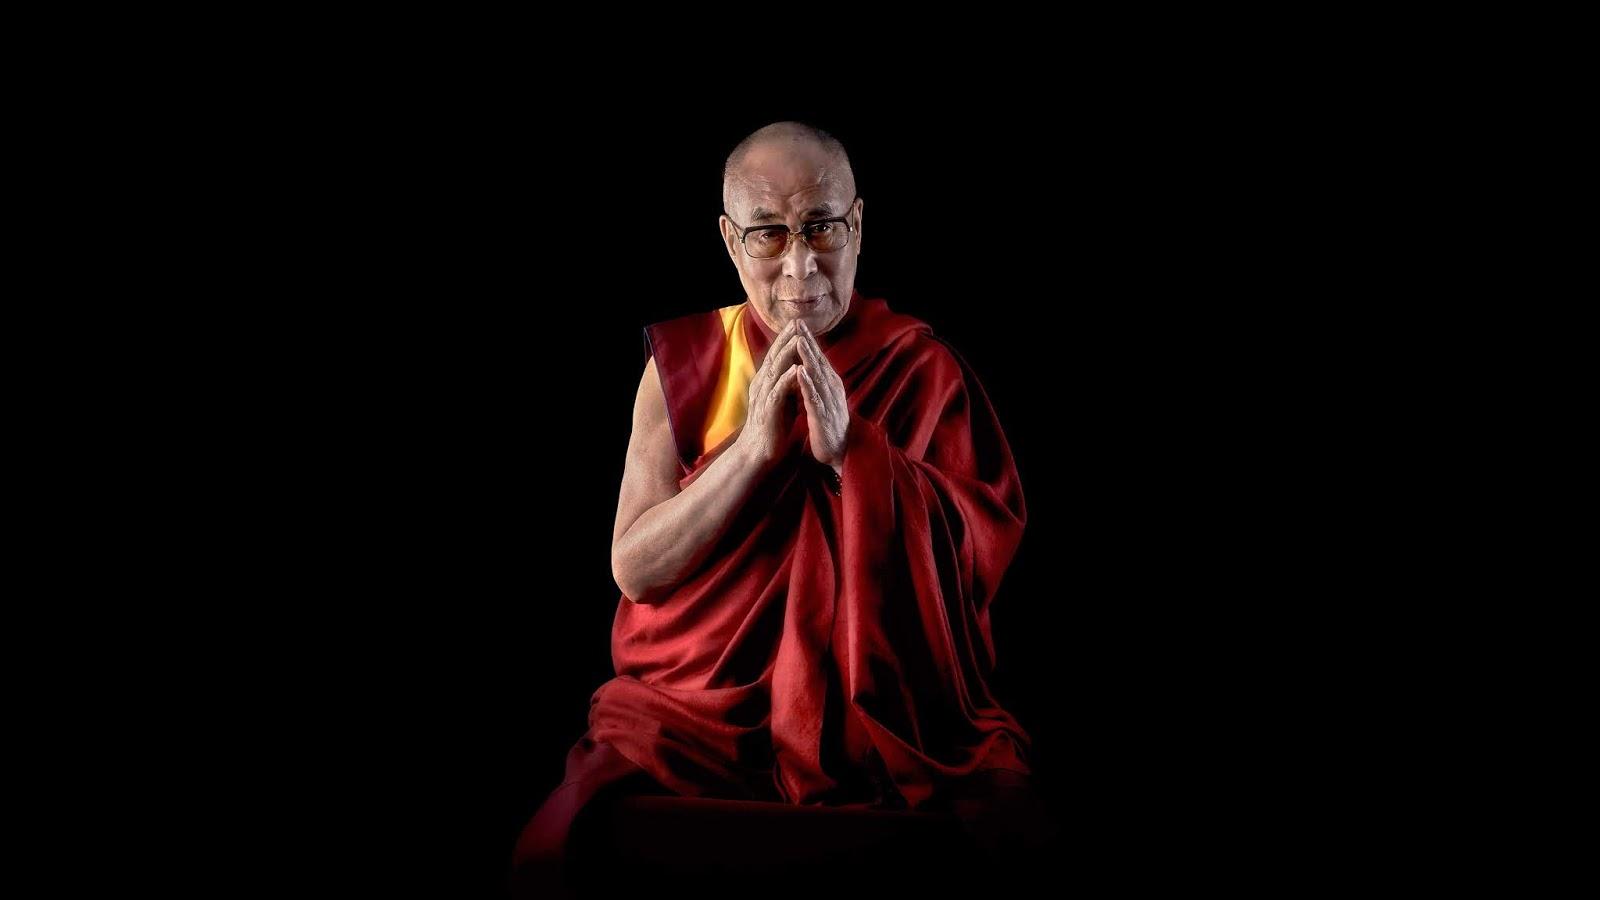 14th Dalai Lama   4K Wallpapers imag